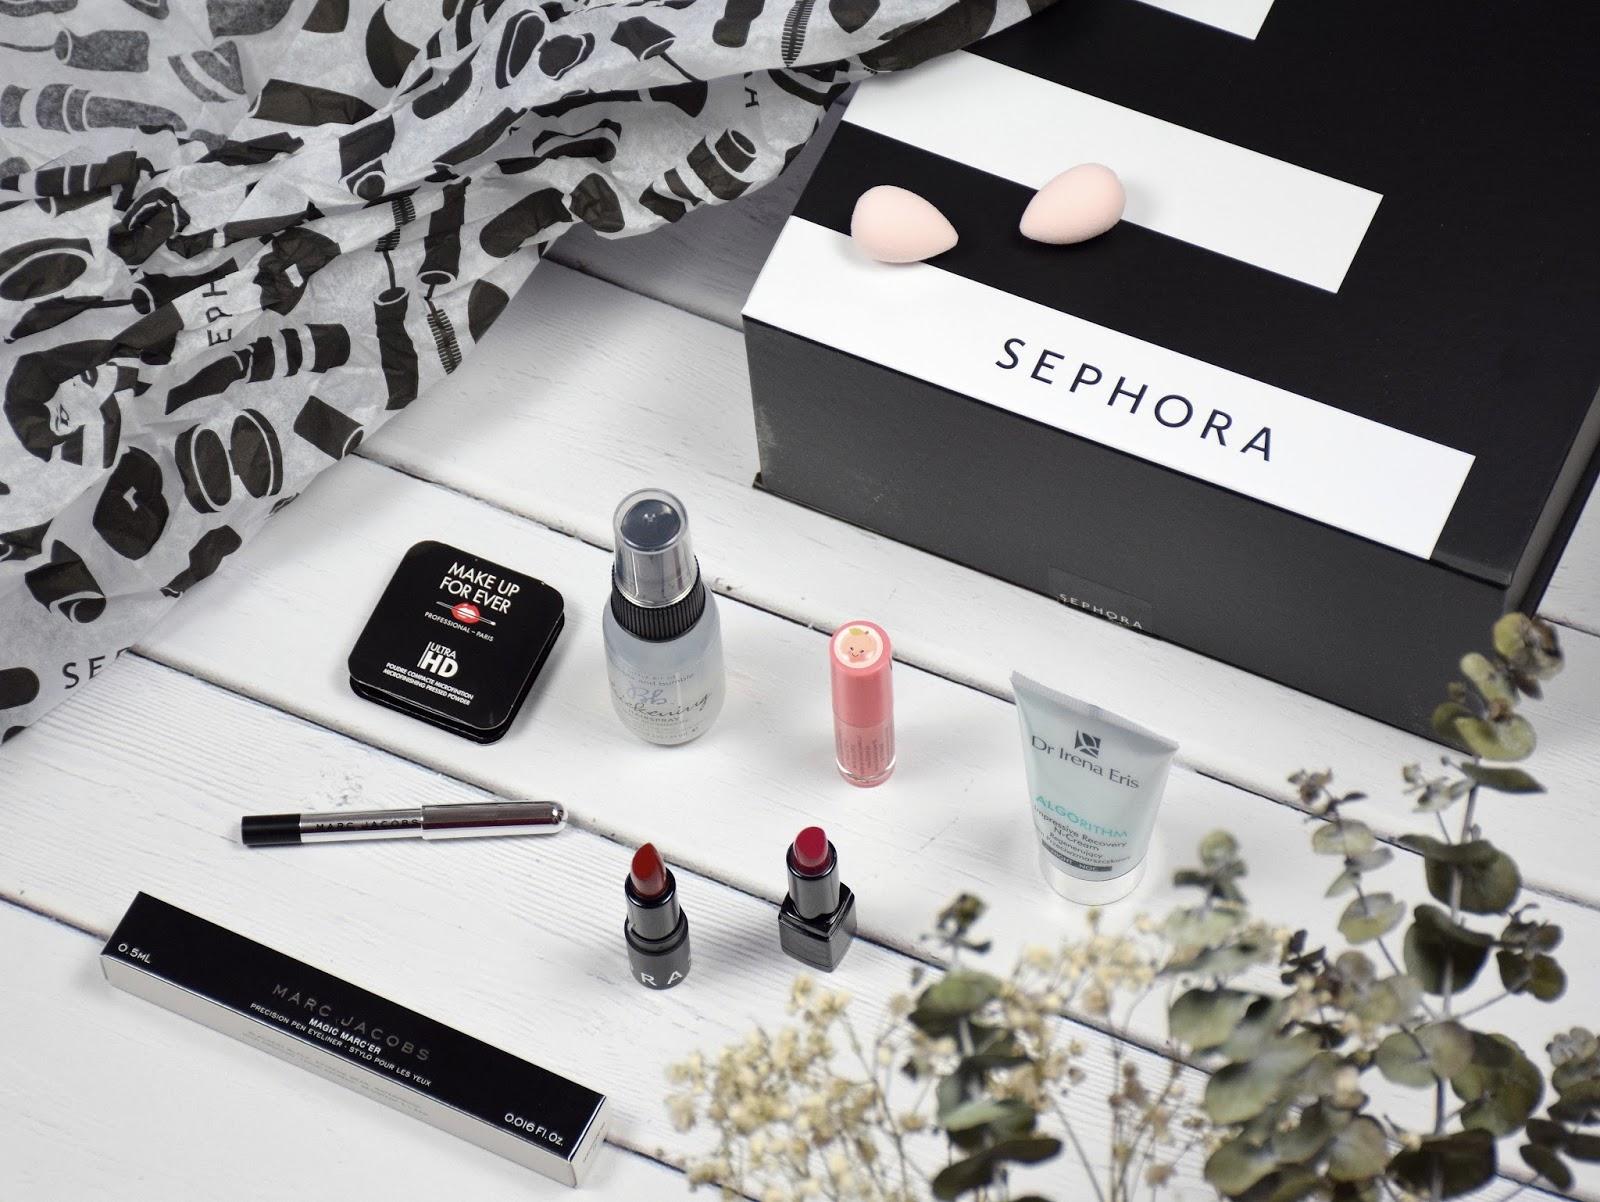 sephora box 2017